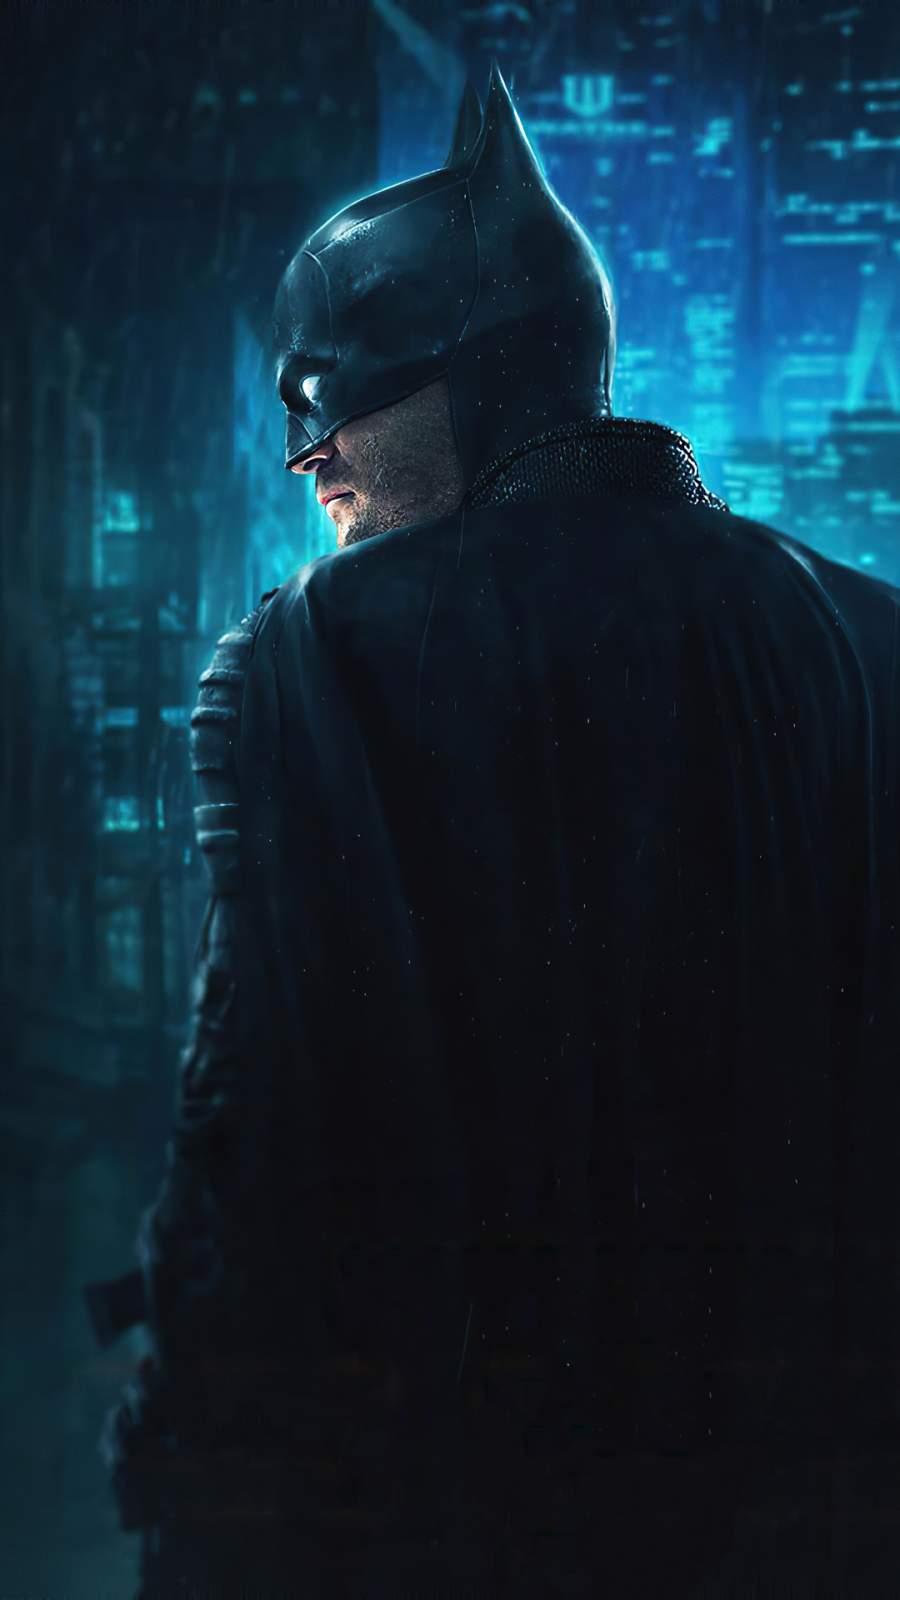 The Batman Wallpaper